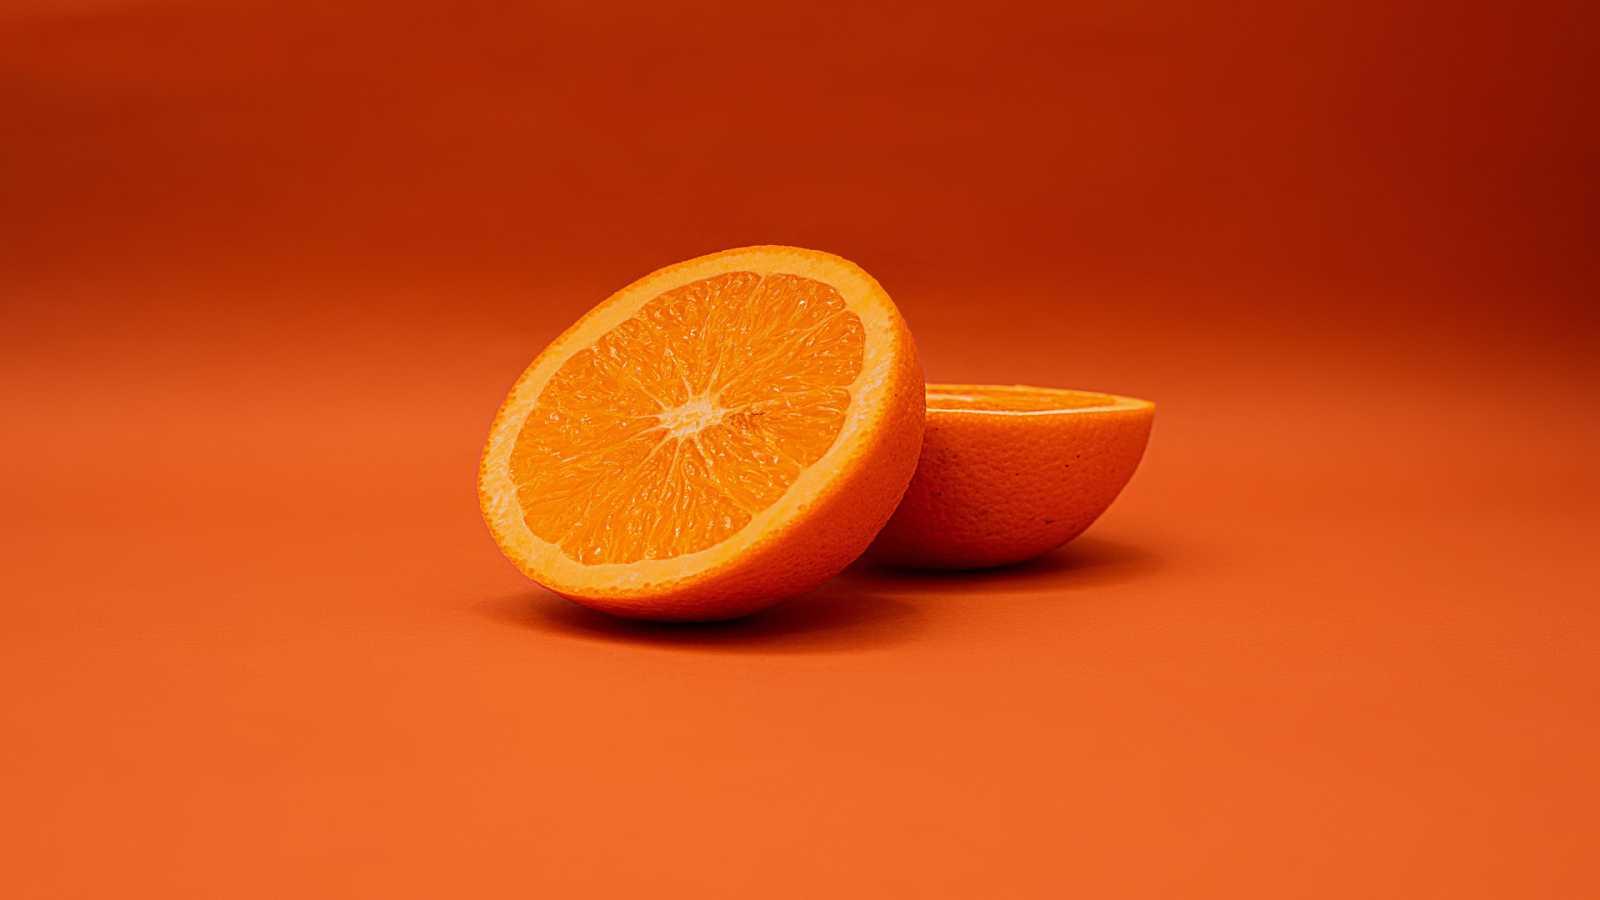 A lo loco y con patines - Canciones con zumo de naranja - 07/04/21 - escuchar ahora